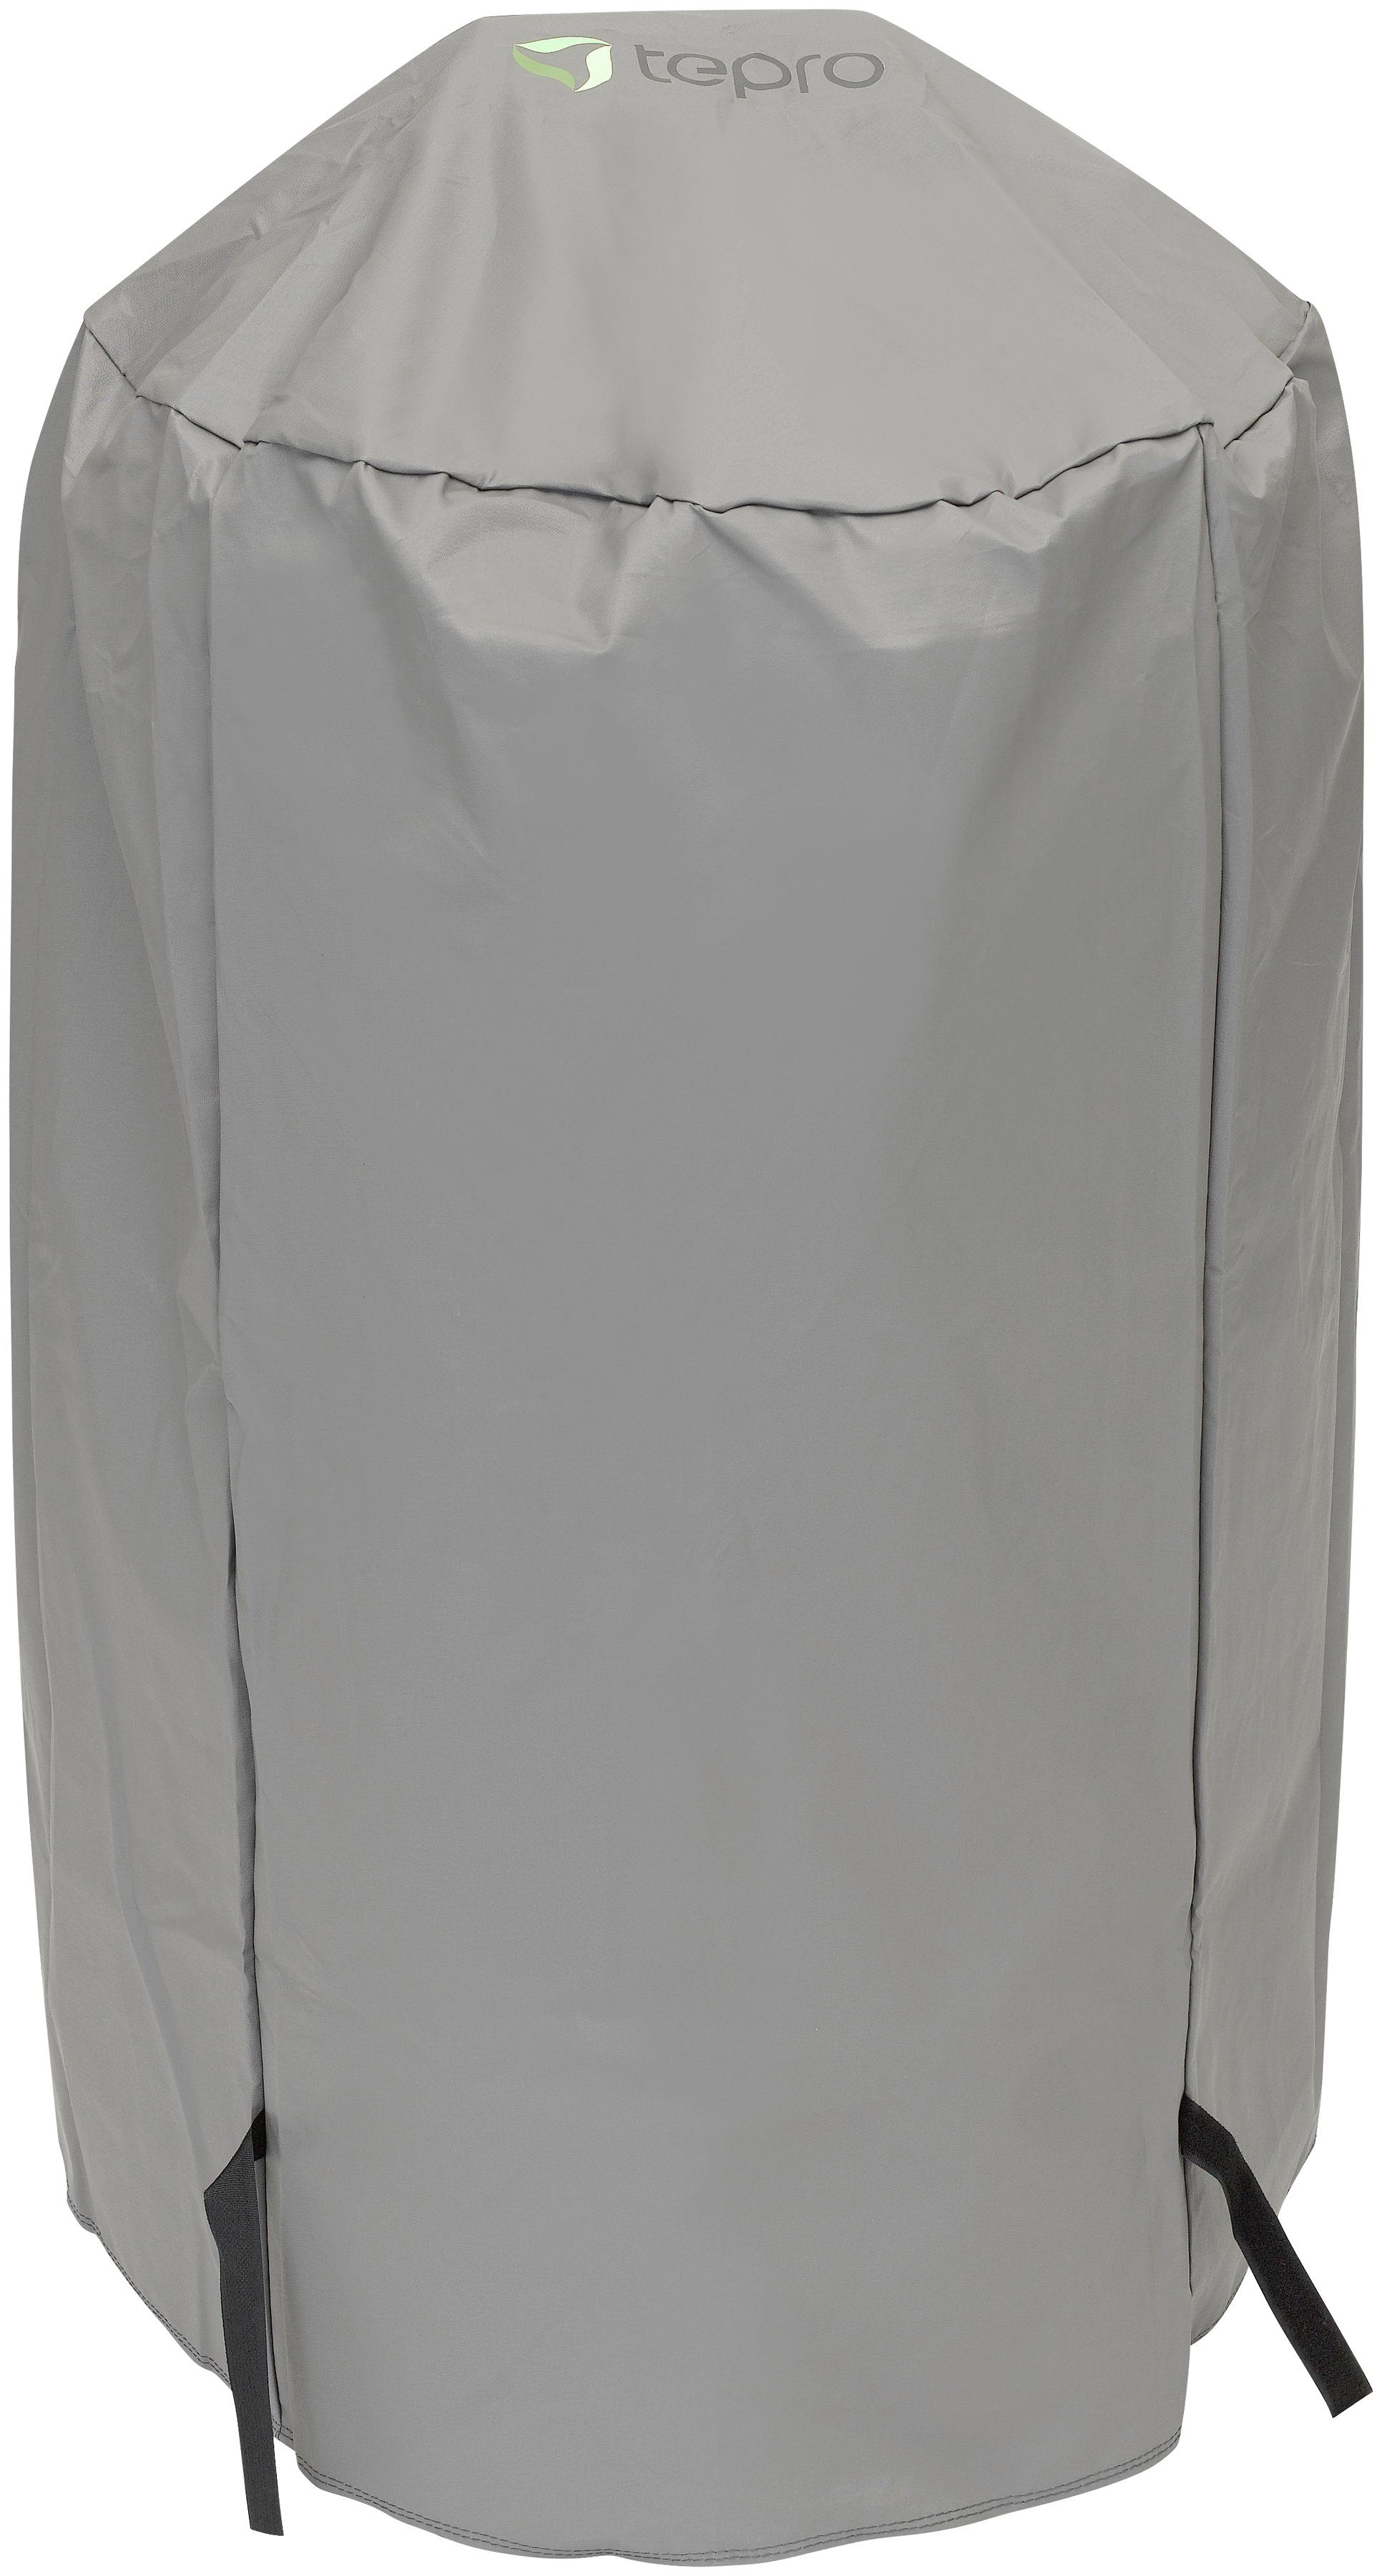 TEPRO Abdeckhaube , BxTxH: 57x57x85 cm, für Kugelgrill klein